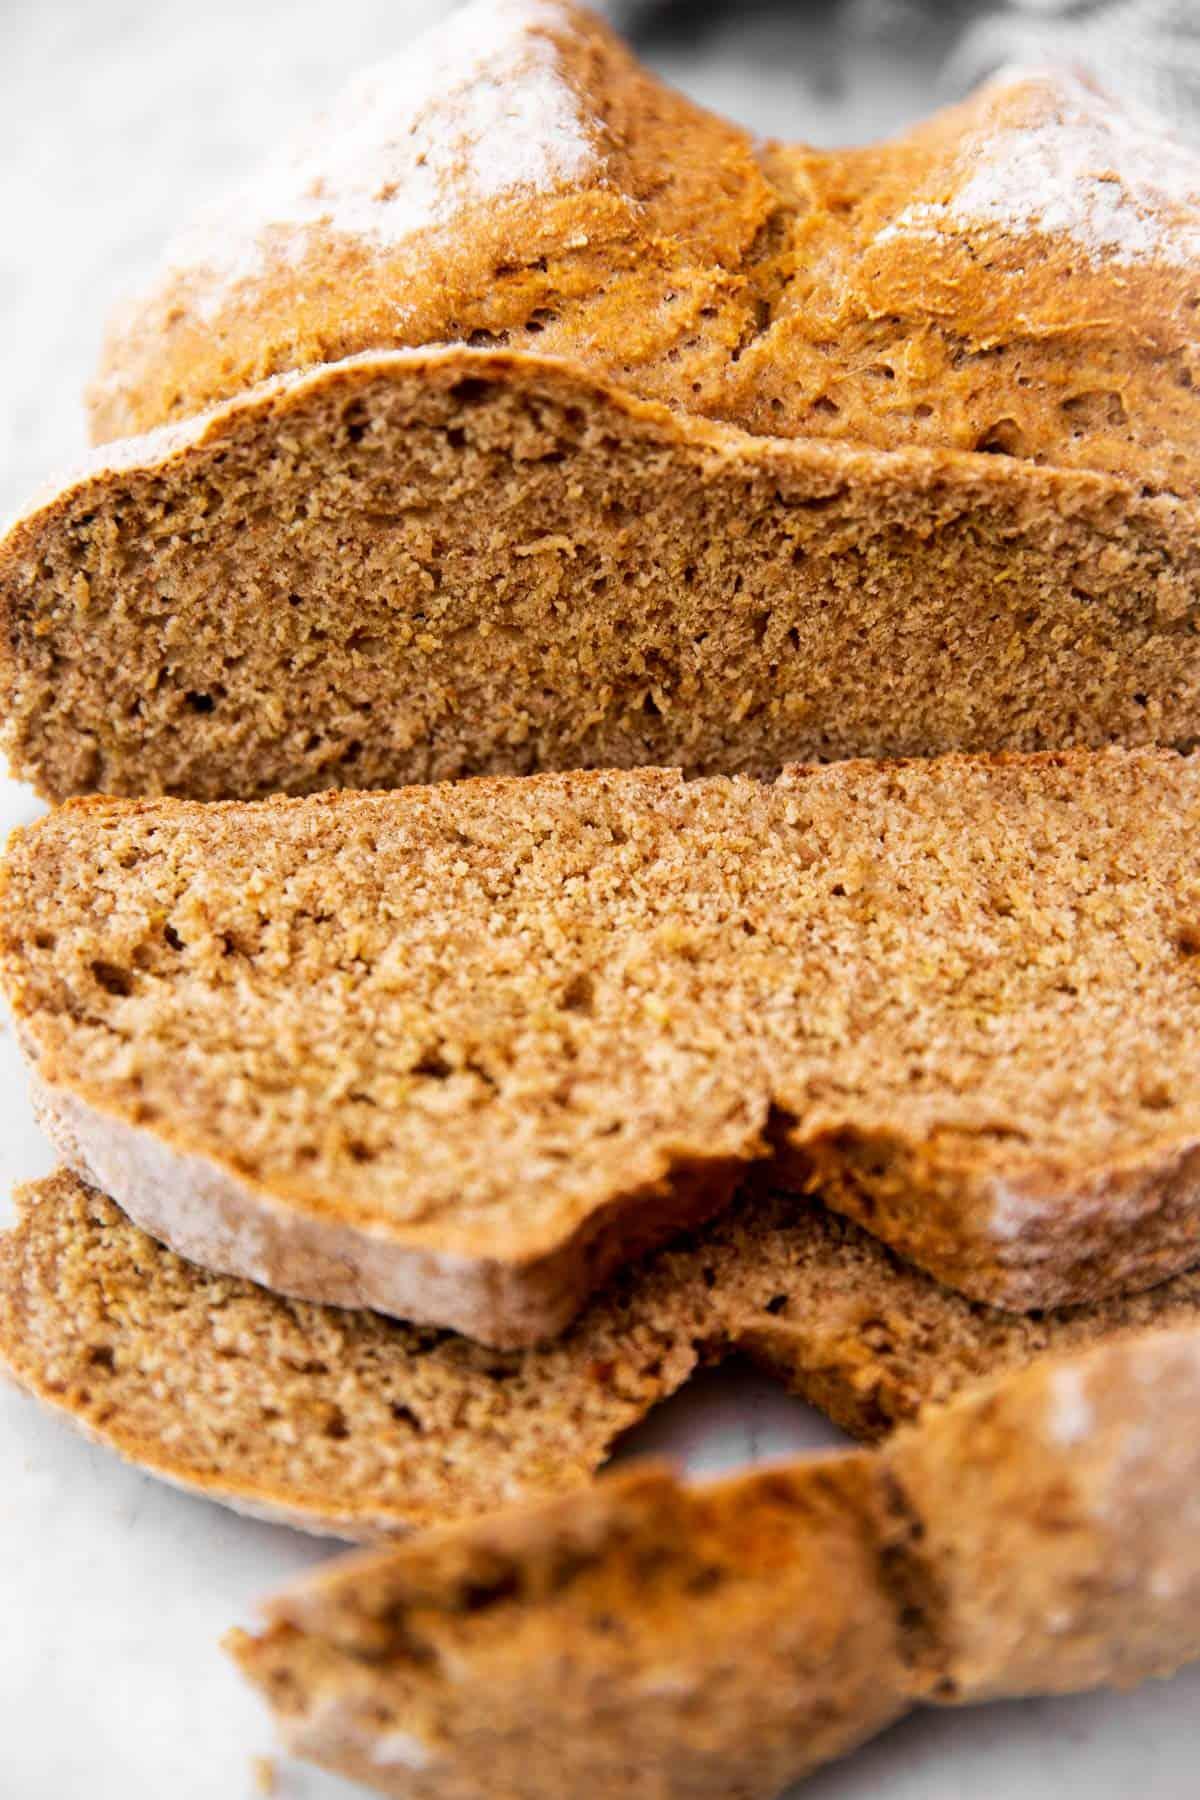 Irish soda bread with a few slices sliced off